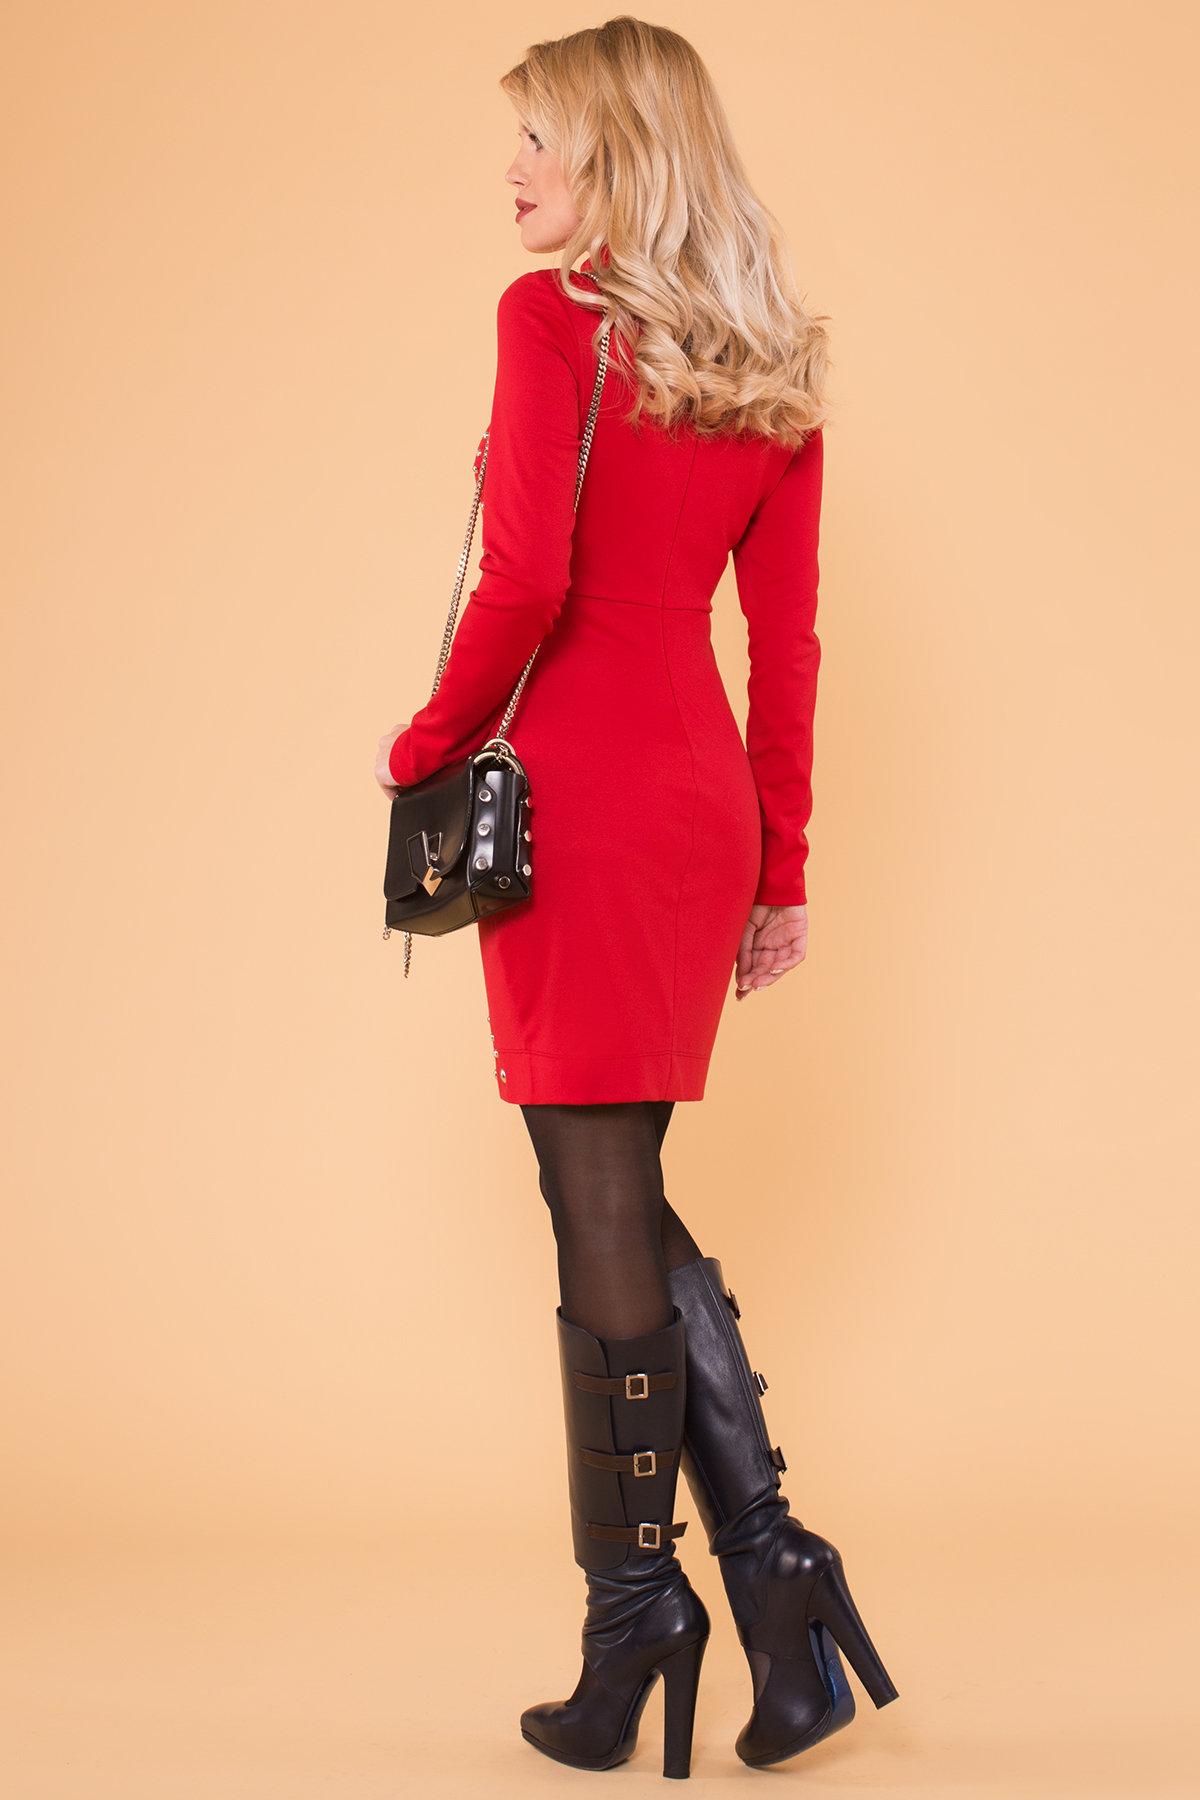 Облегающее короткое Платье Дюке 4430 АРТ. 21335 Цвет: Красный - фото 2, интернет магазин tm-modus.ru